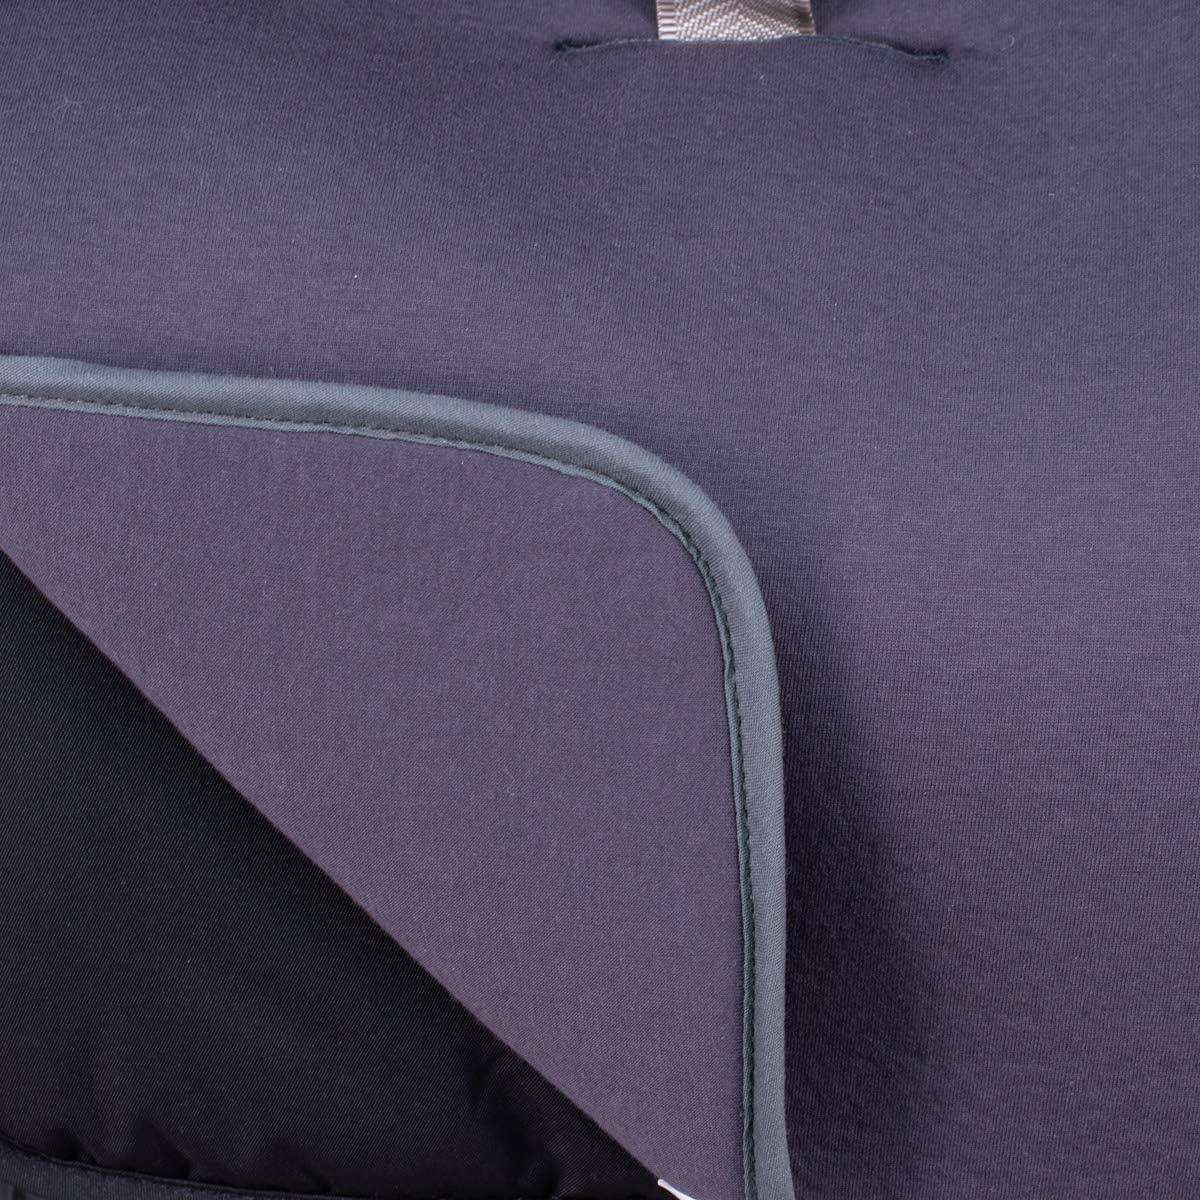 Black Rayo JANABEBE housse r/éversible universal couverture pour poussette